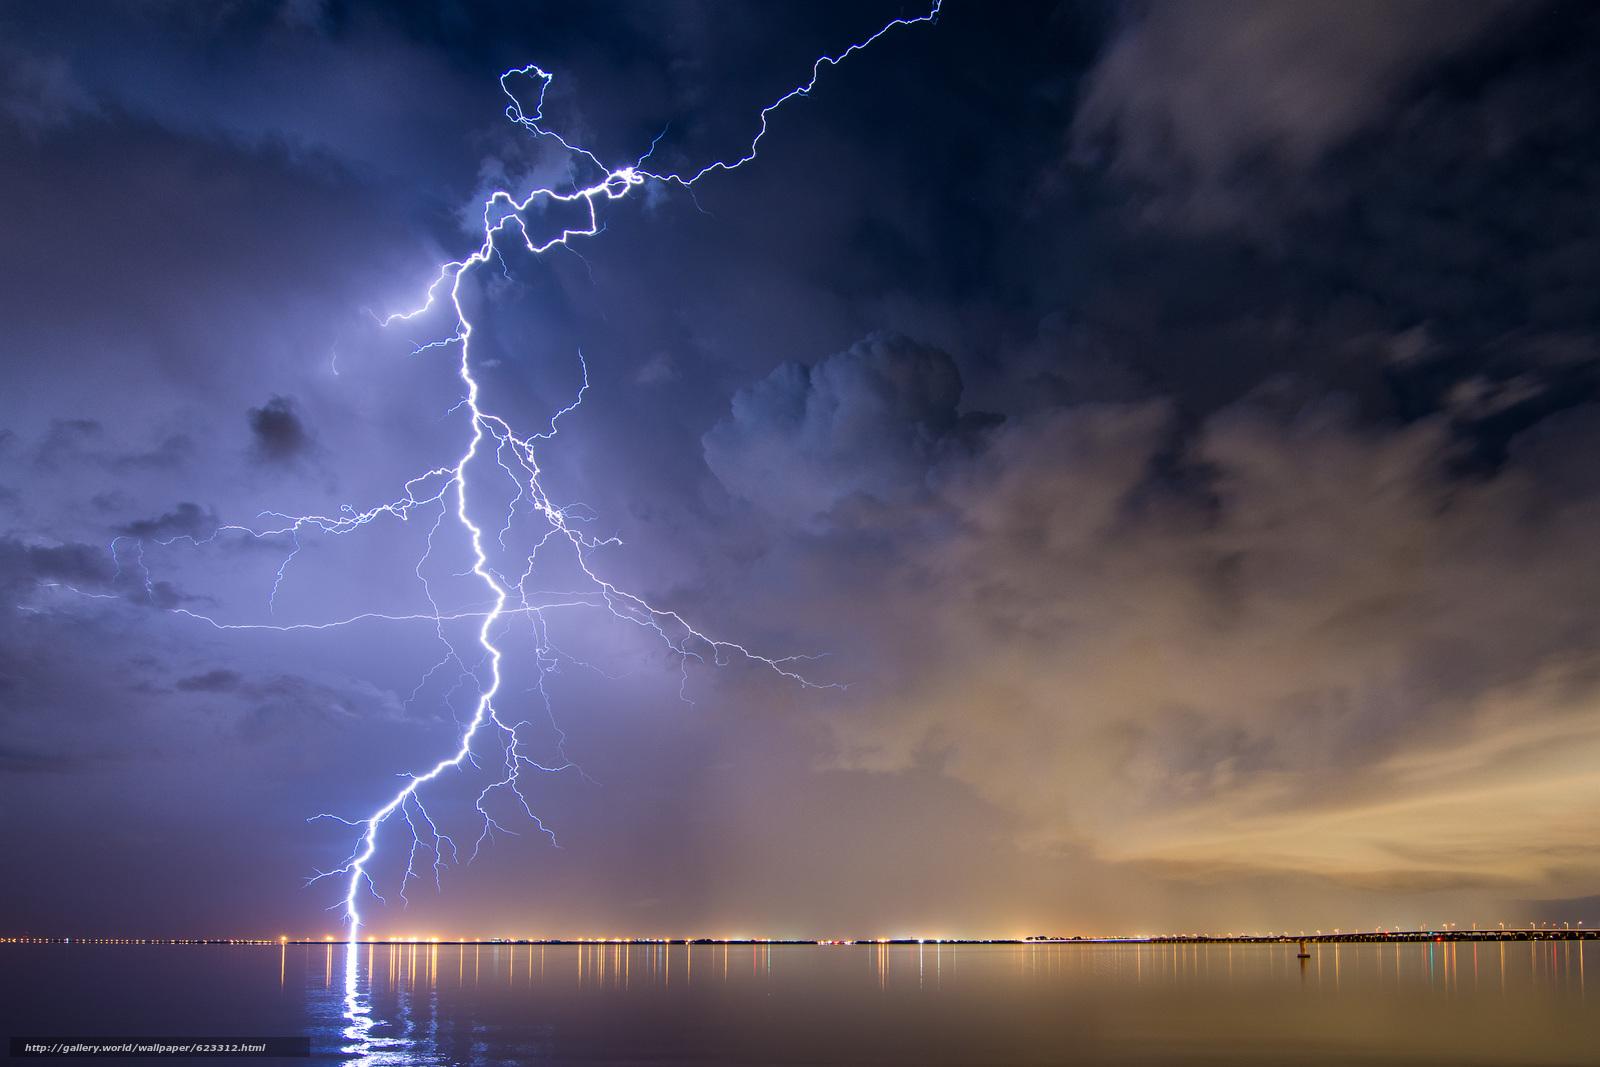 Скачать обои Небо,  тучи,  погода,  природа бесплатно для рабочего стола в разрешении 2500x1667 — картинка №623312